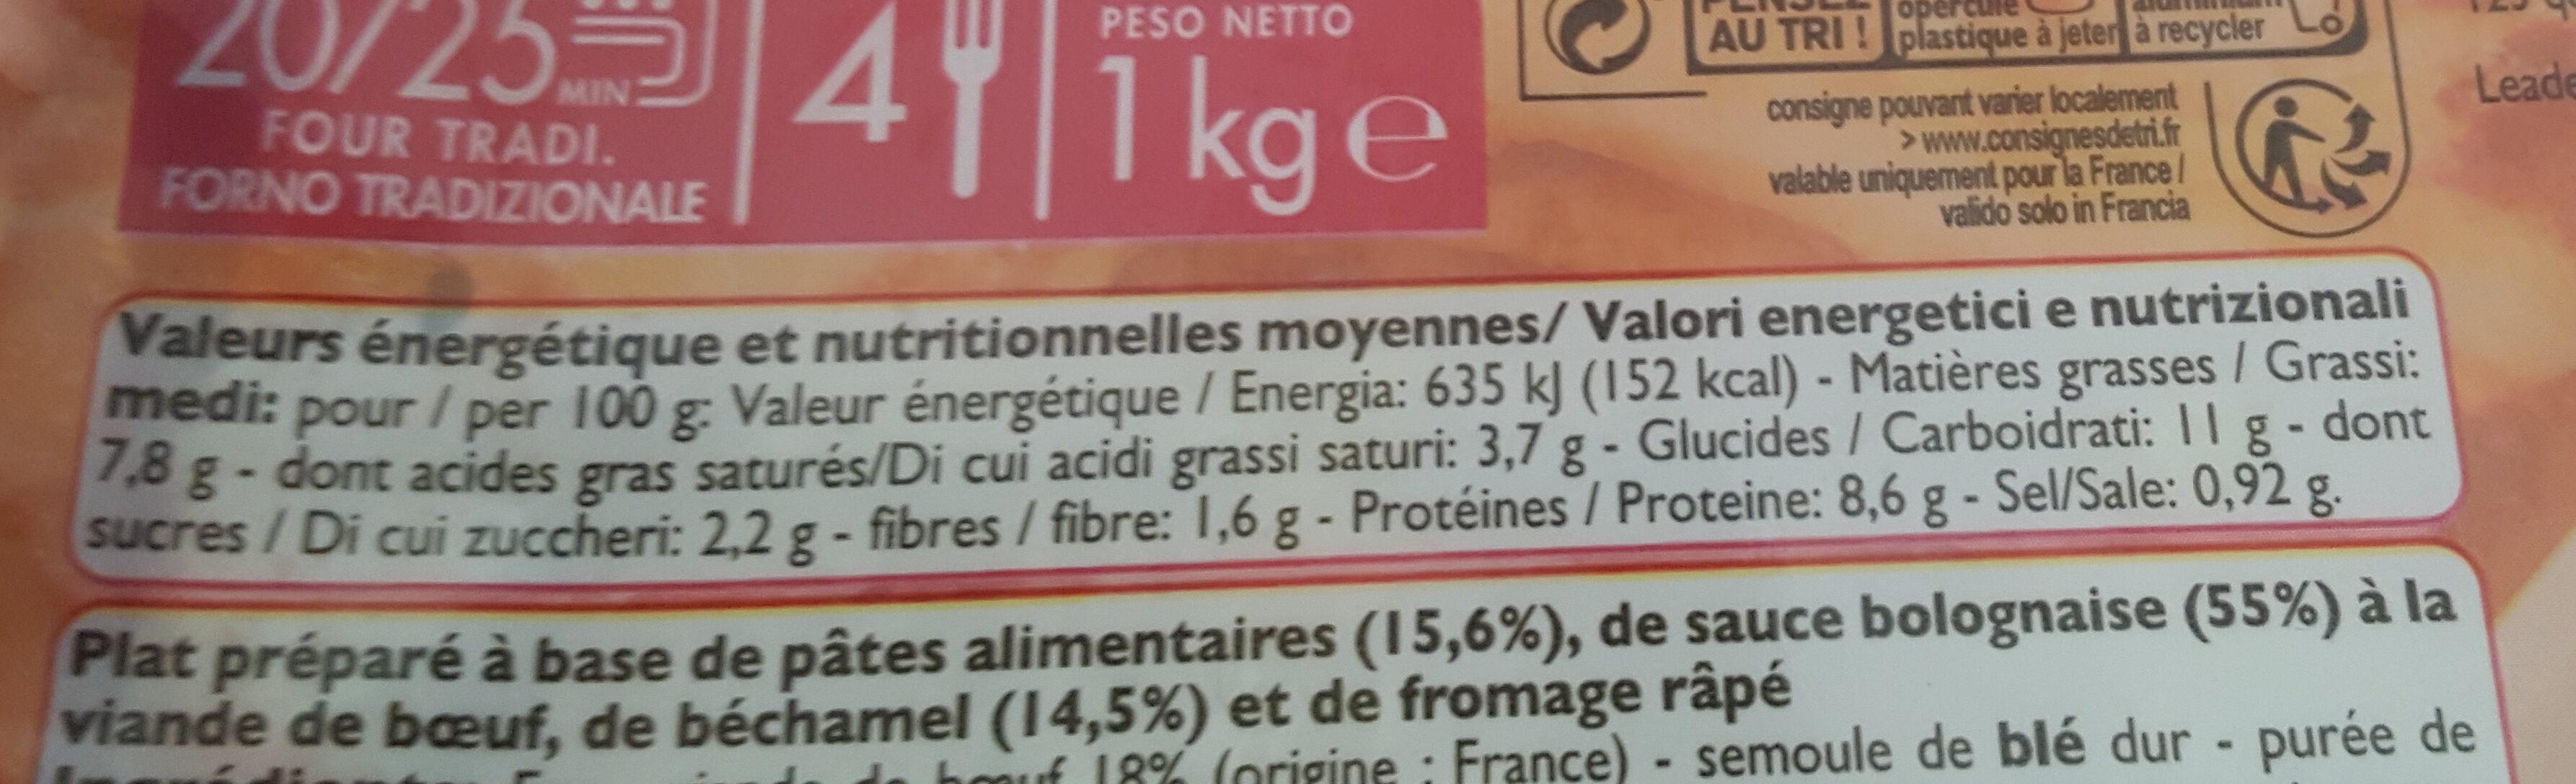 Lasagnes - Informations nutritionnelles